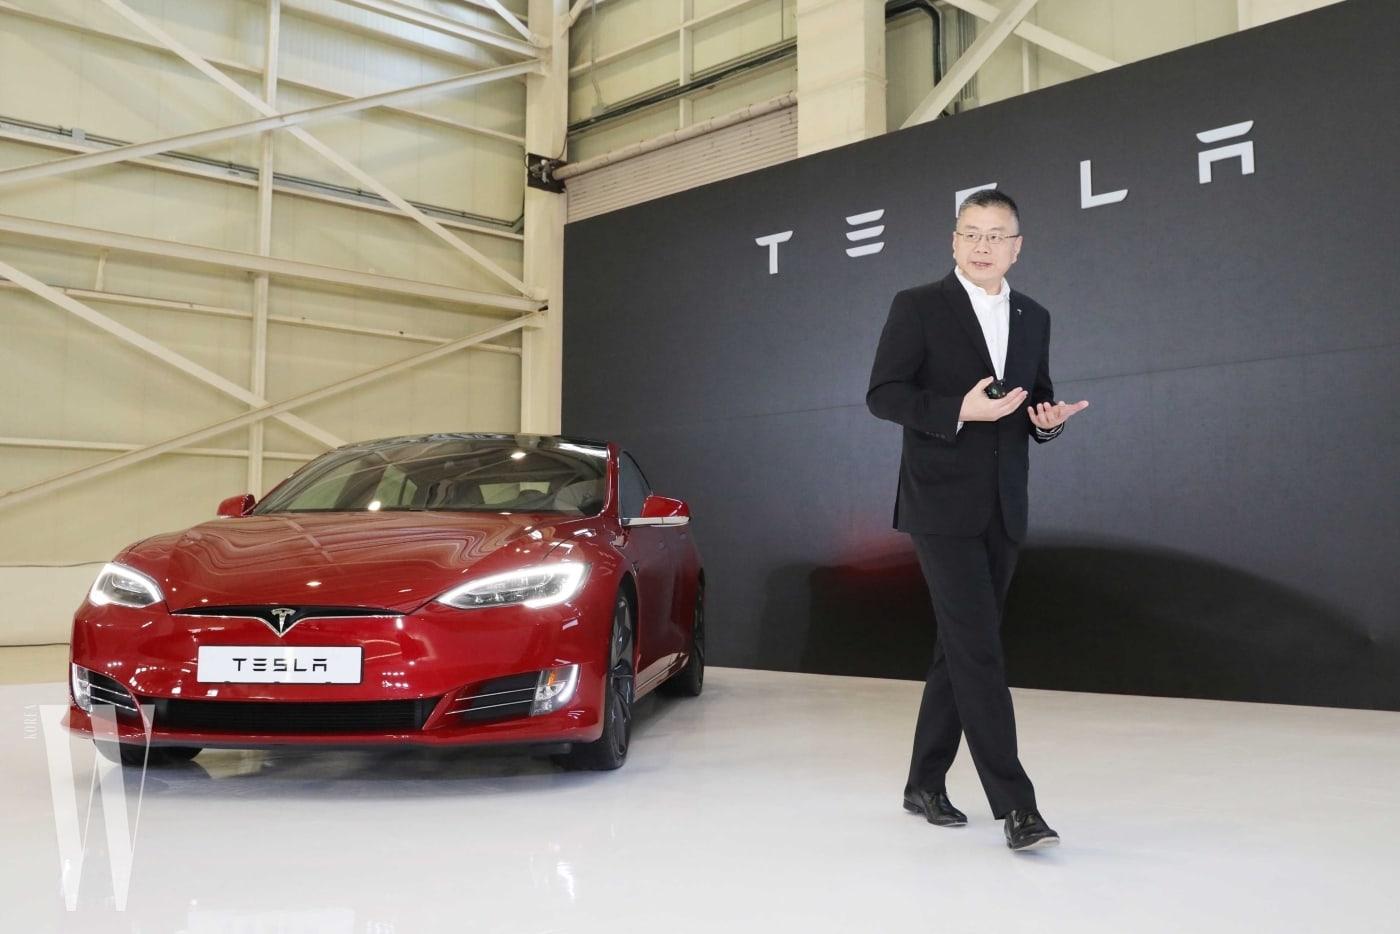 [사진자료] Tesla Model S P100D 출시 행사 (3)